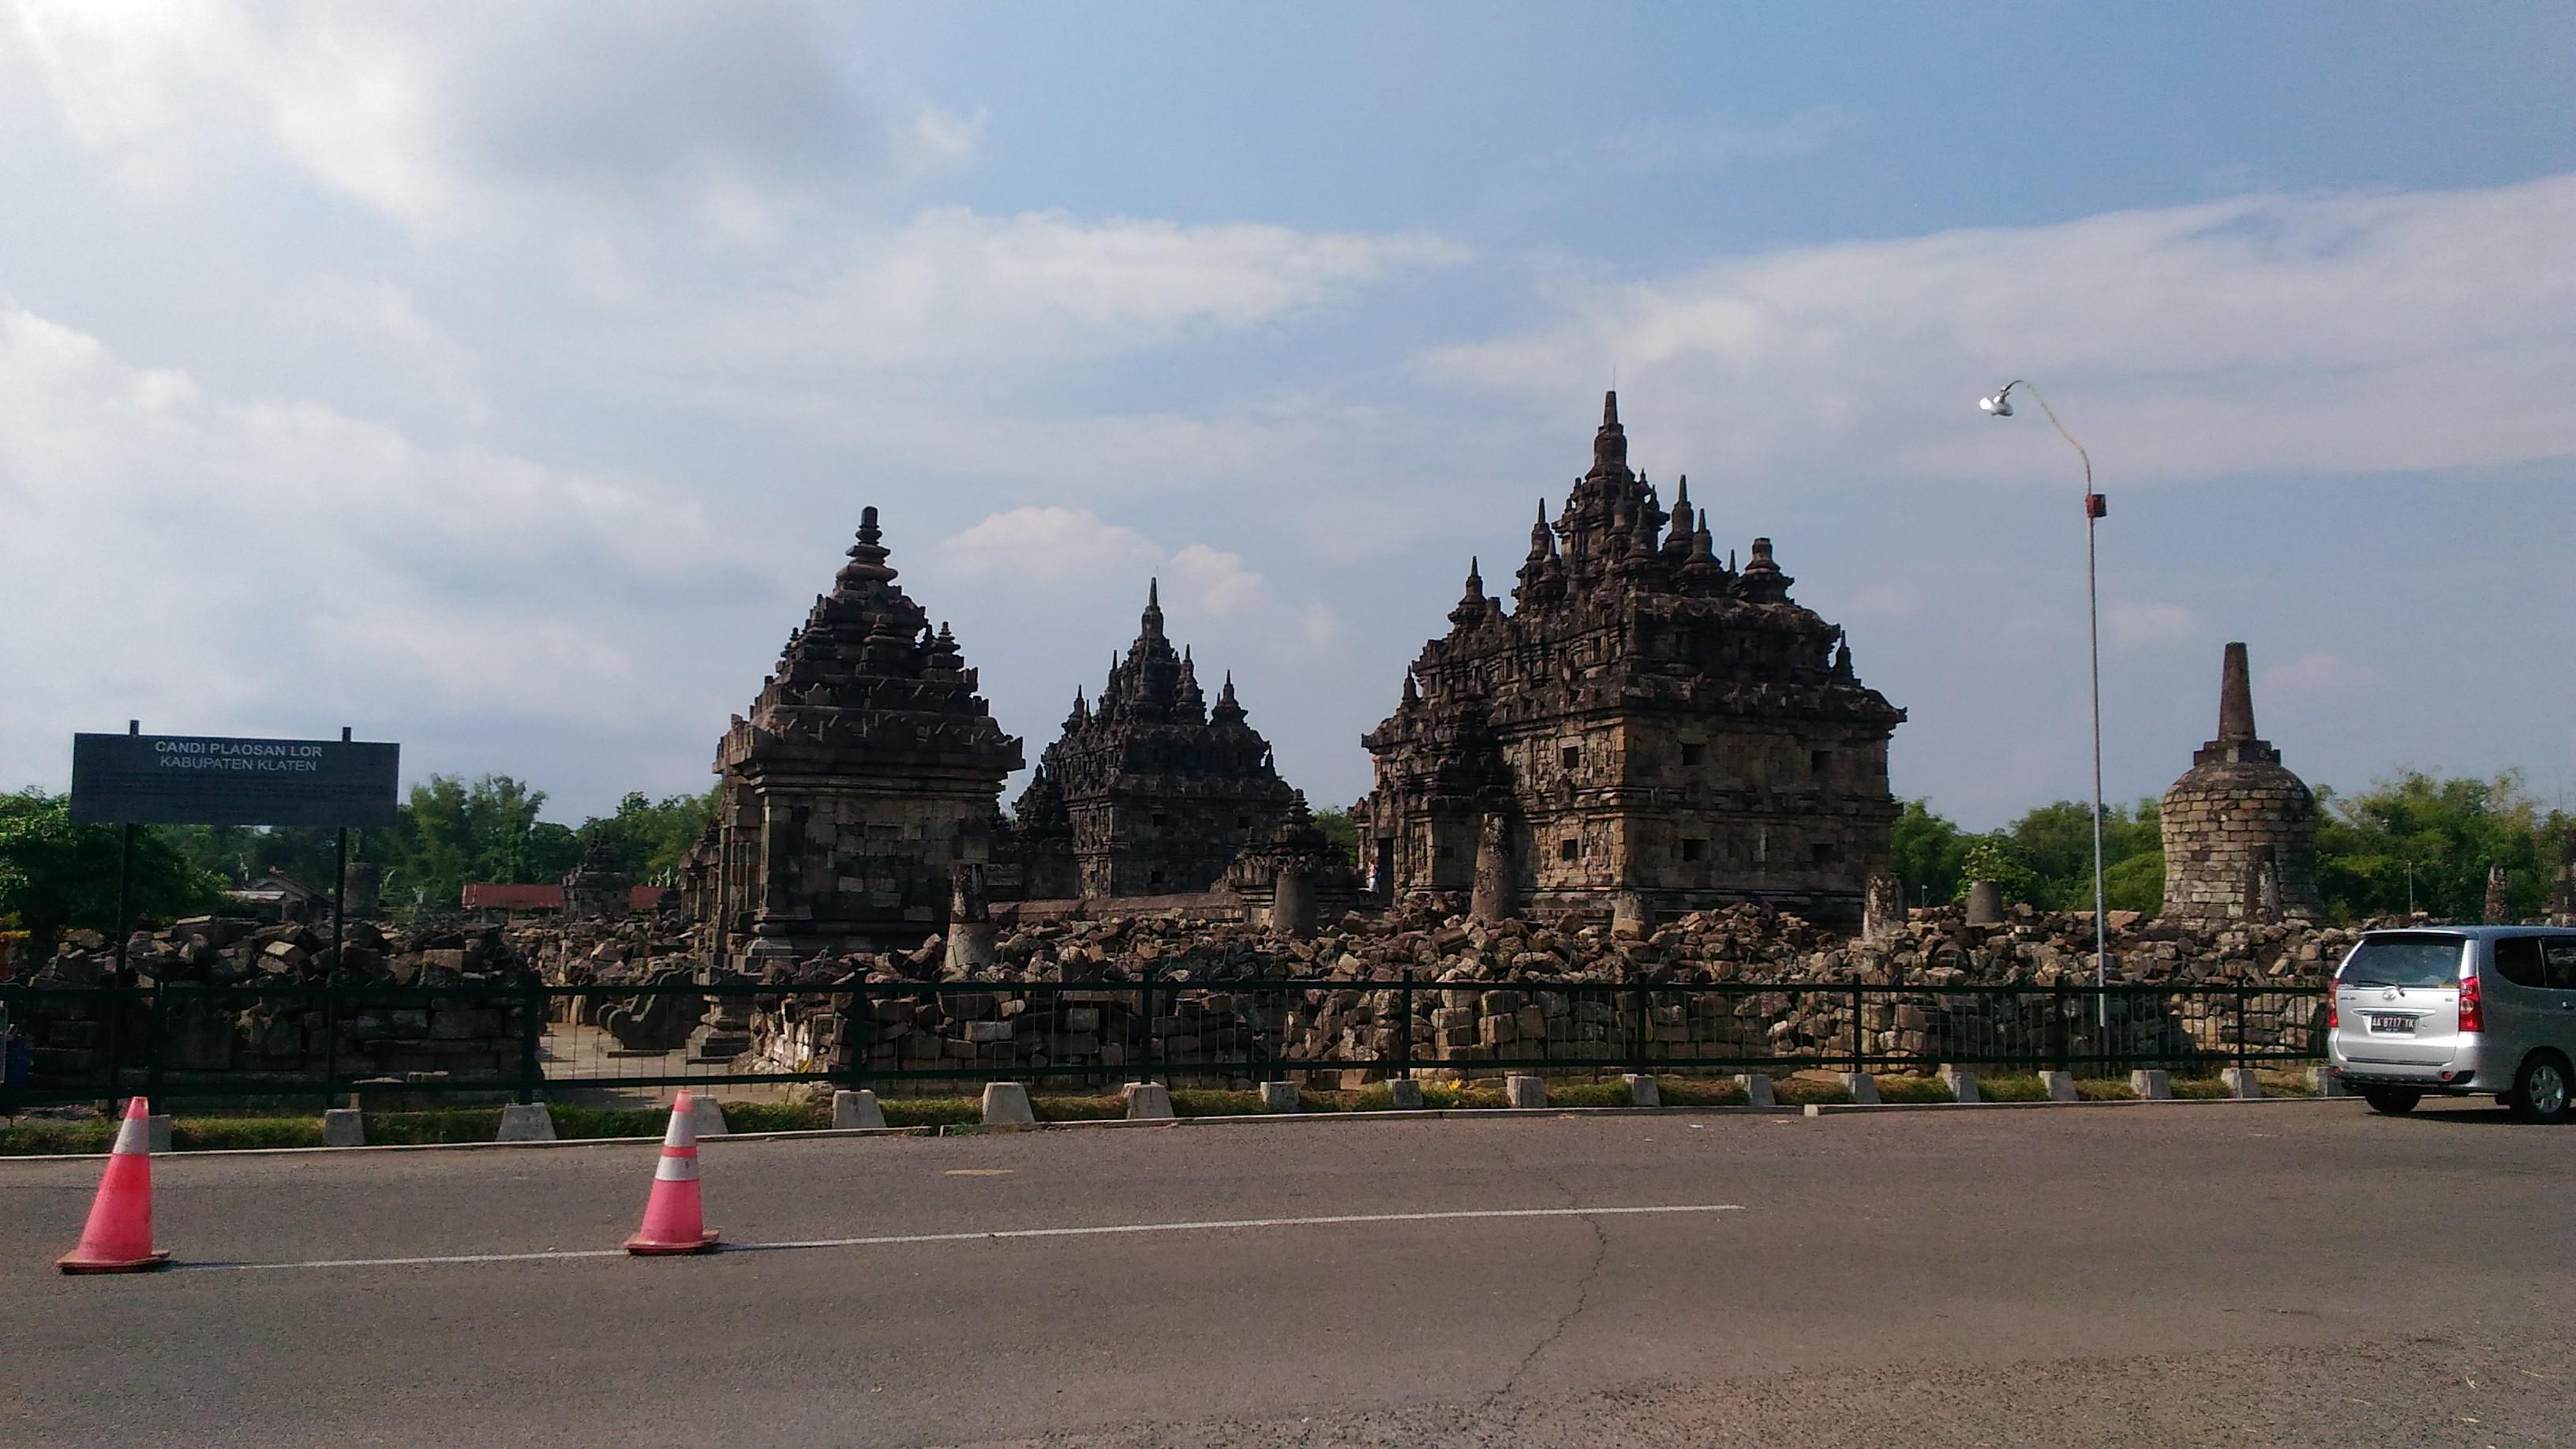 Candi Plaosan Budha Cantik Perbatasan Oleh Hanung Prabowo Kompasiana Sojiwan